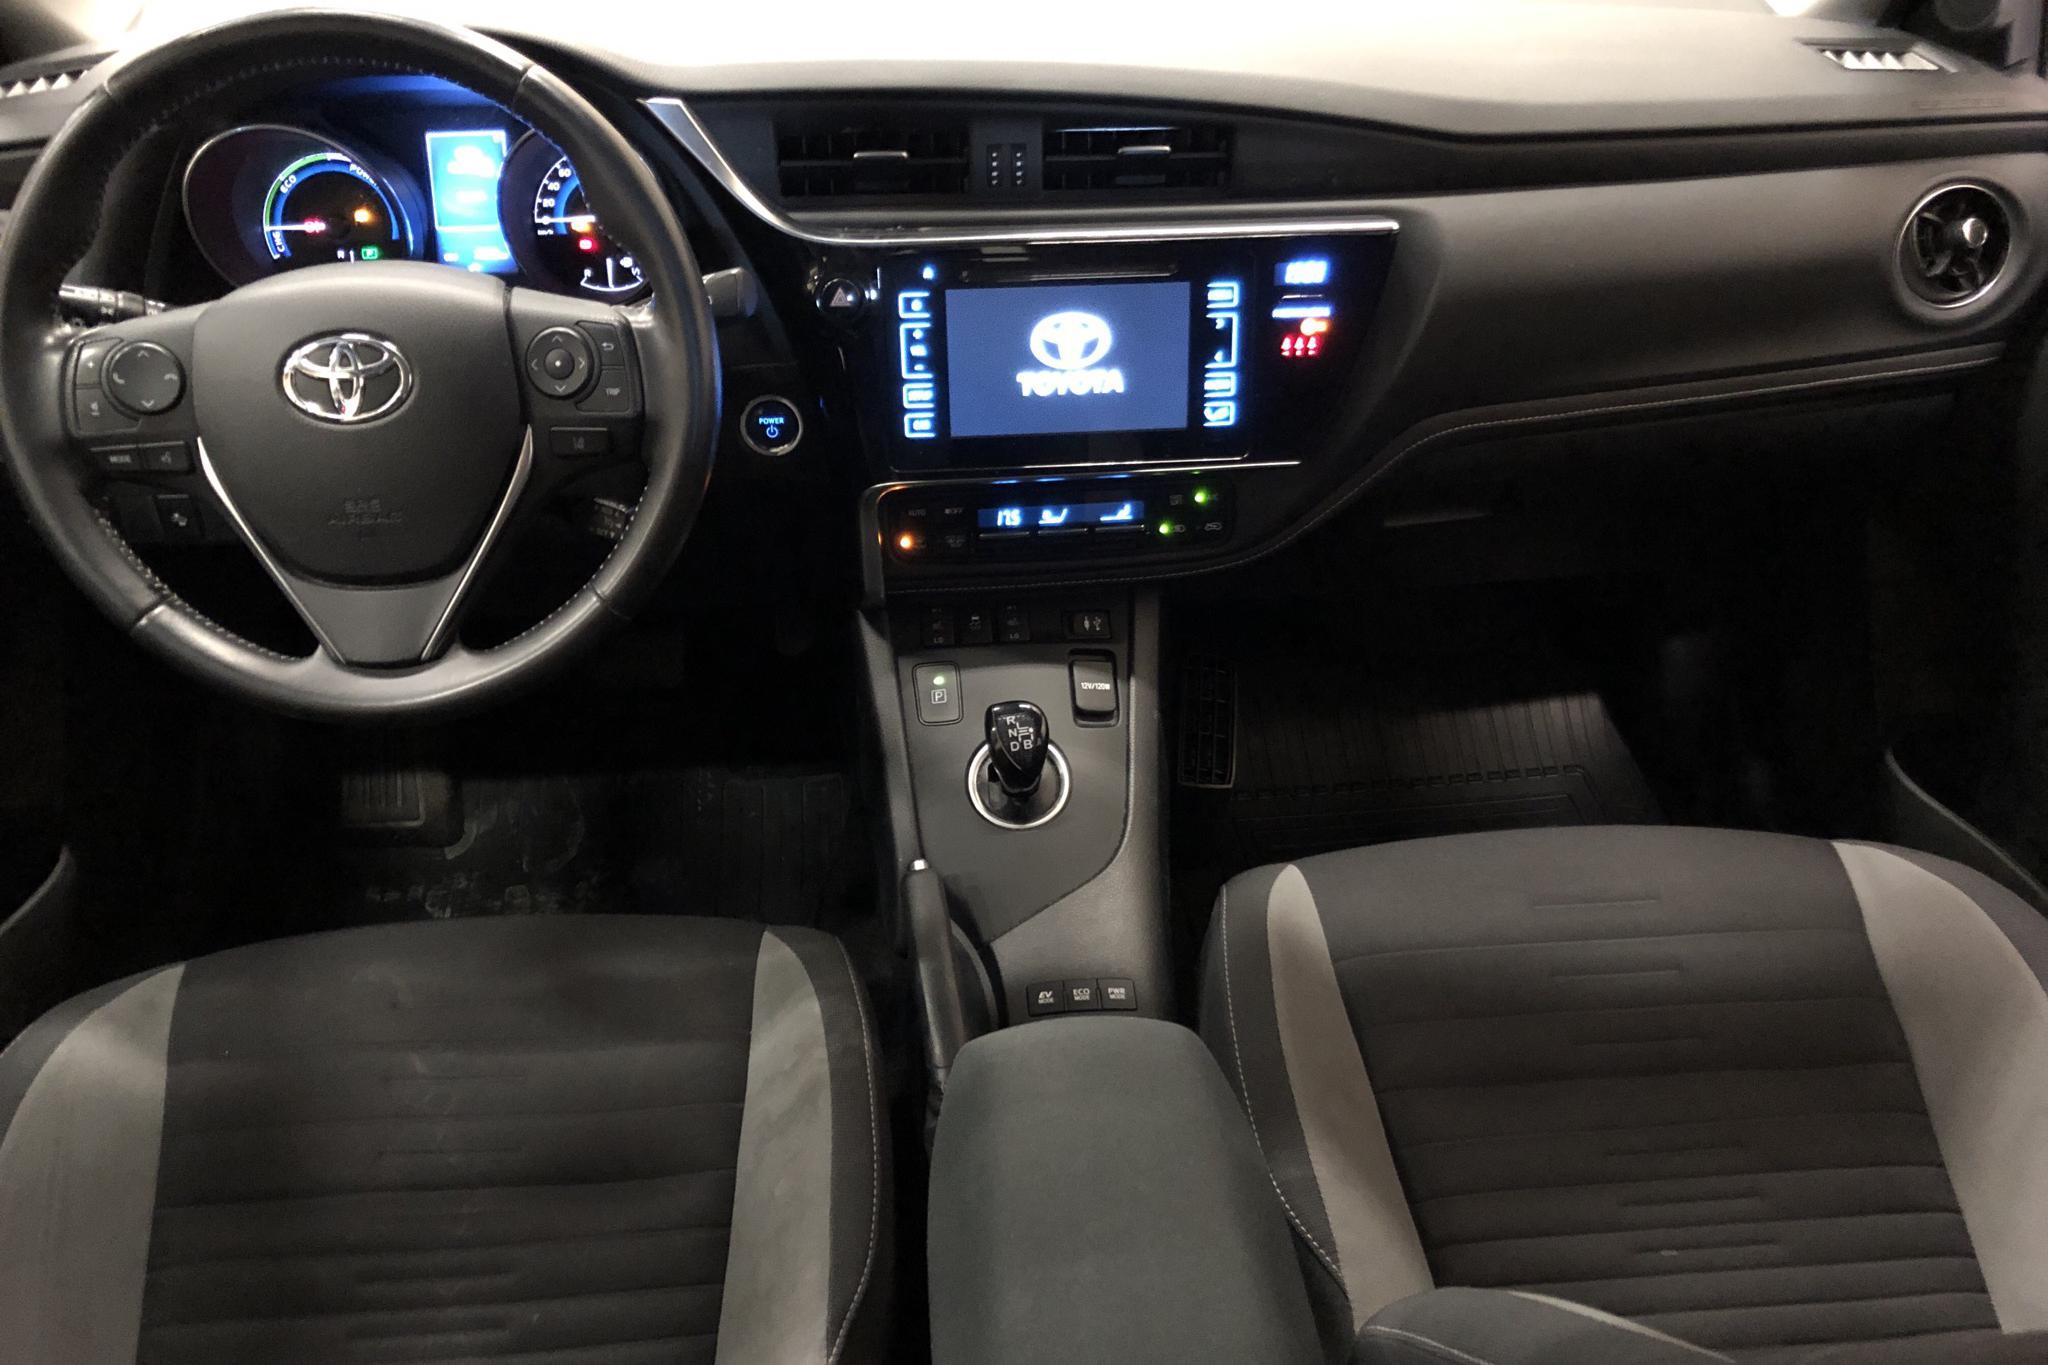 Toyota Auris 1.8 HSD 5dr (99hk) - 7 967 mil - Automat - vit - 2016